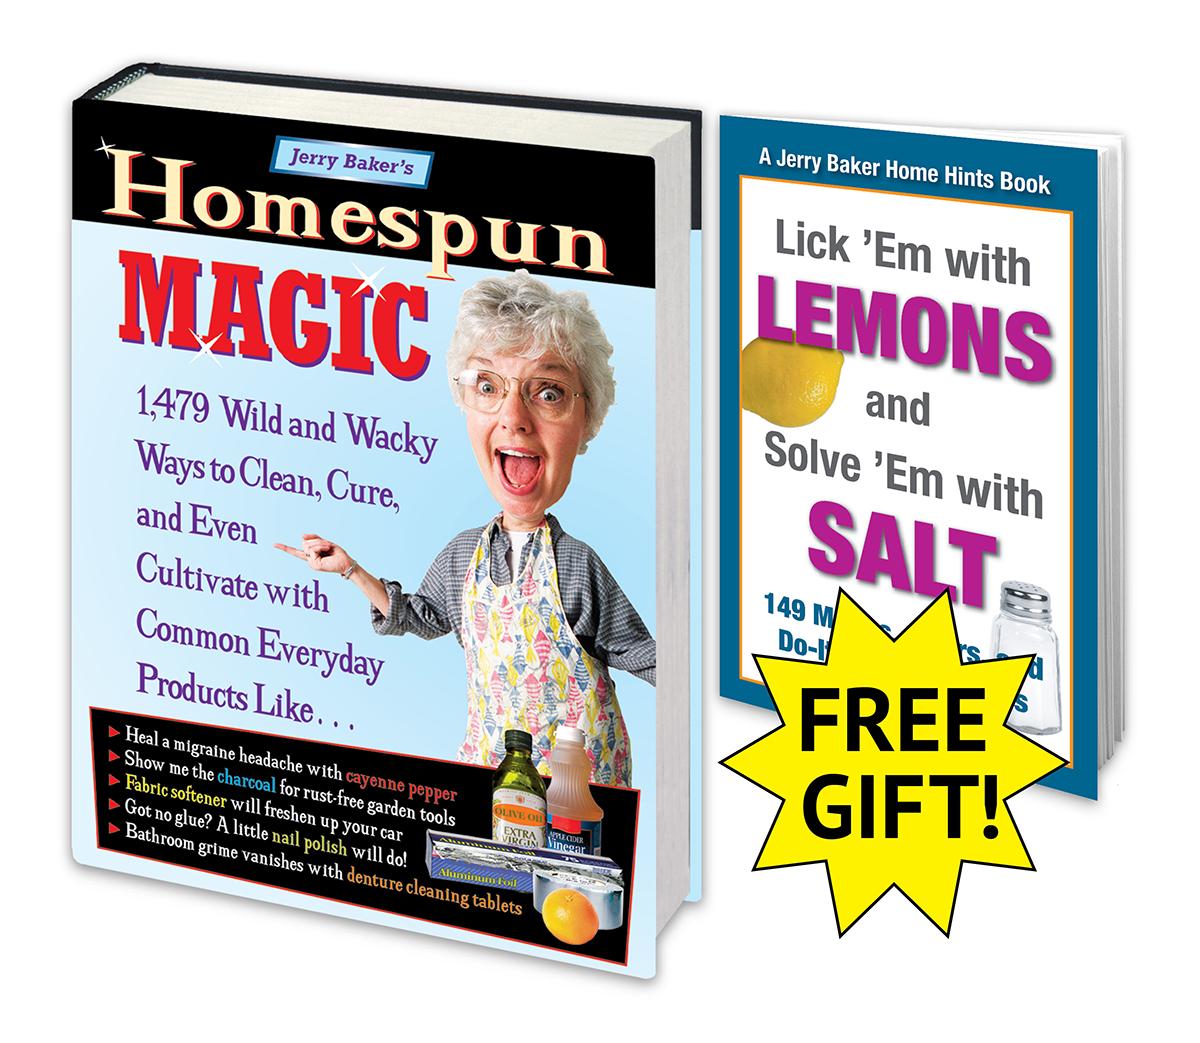 Homespun Magic